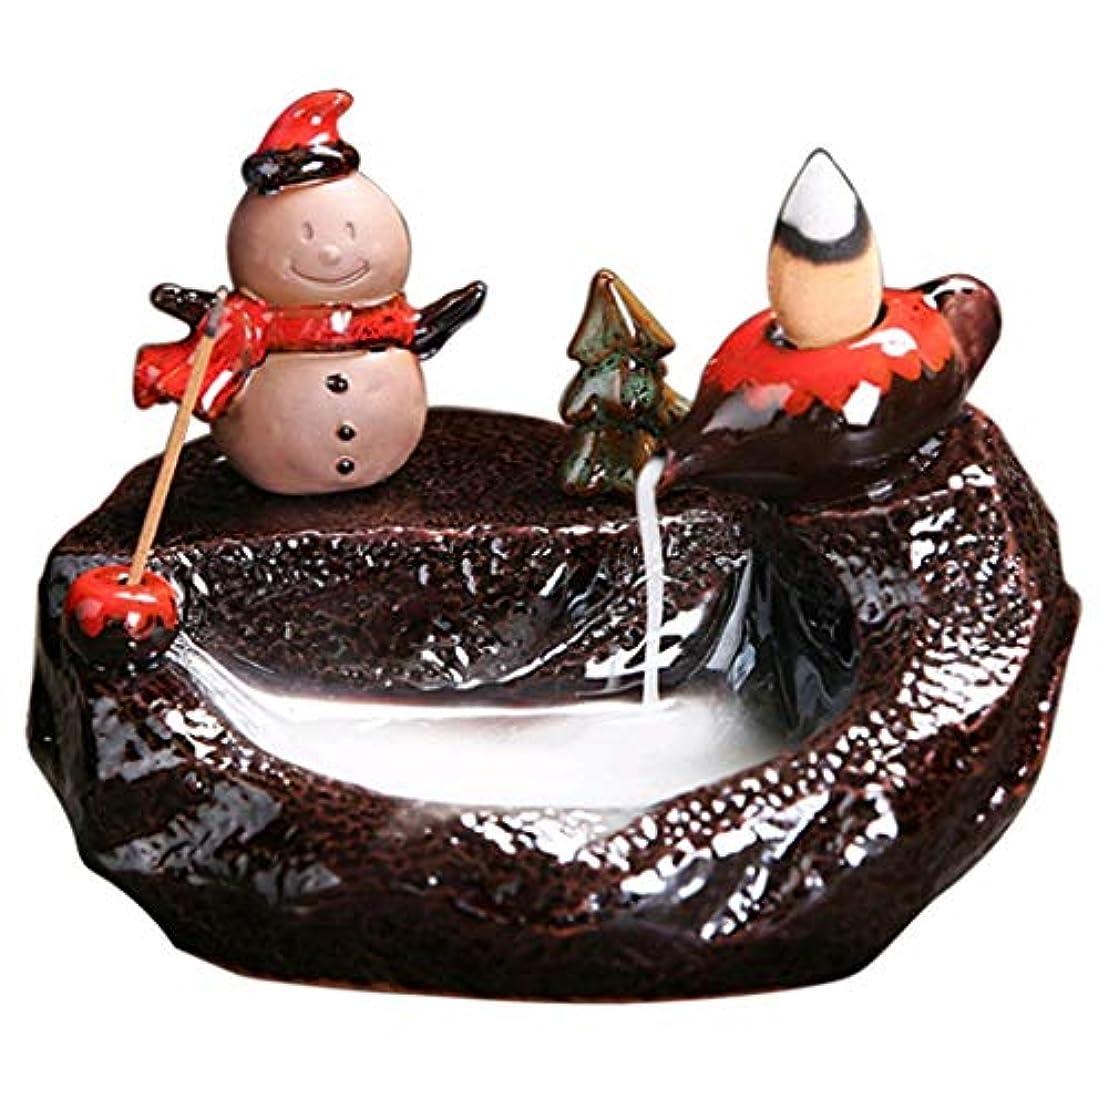 ラフ睡眠含む大西洋joyMerit アロマストーブ 香炉 創造的 ベッドルーム 中国 伝統的 - C